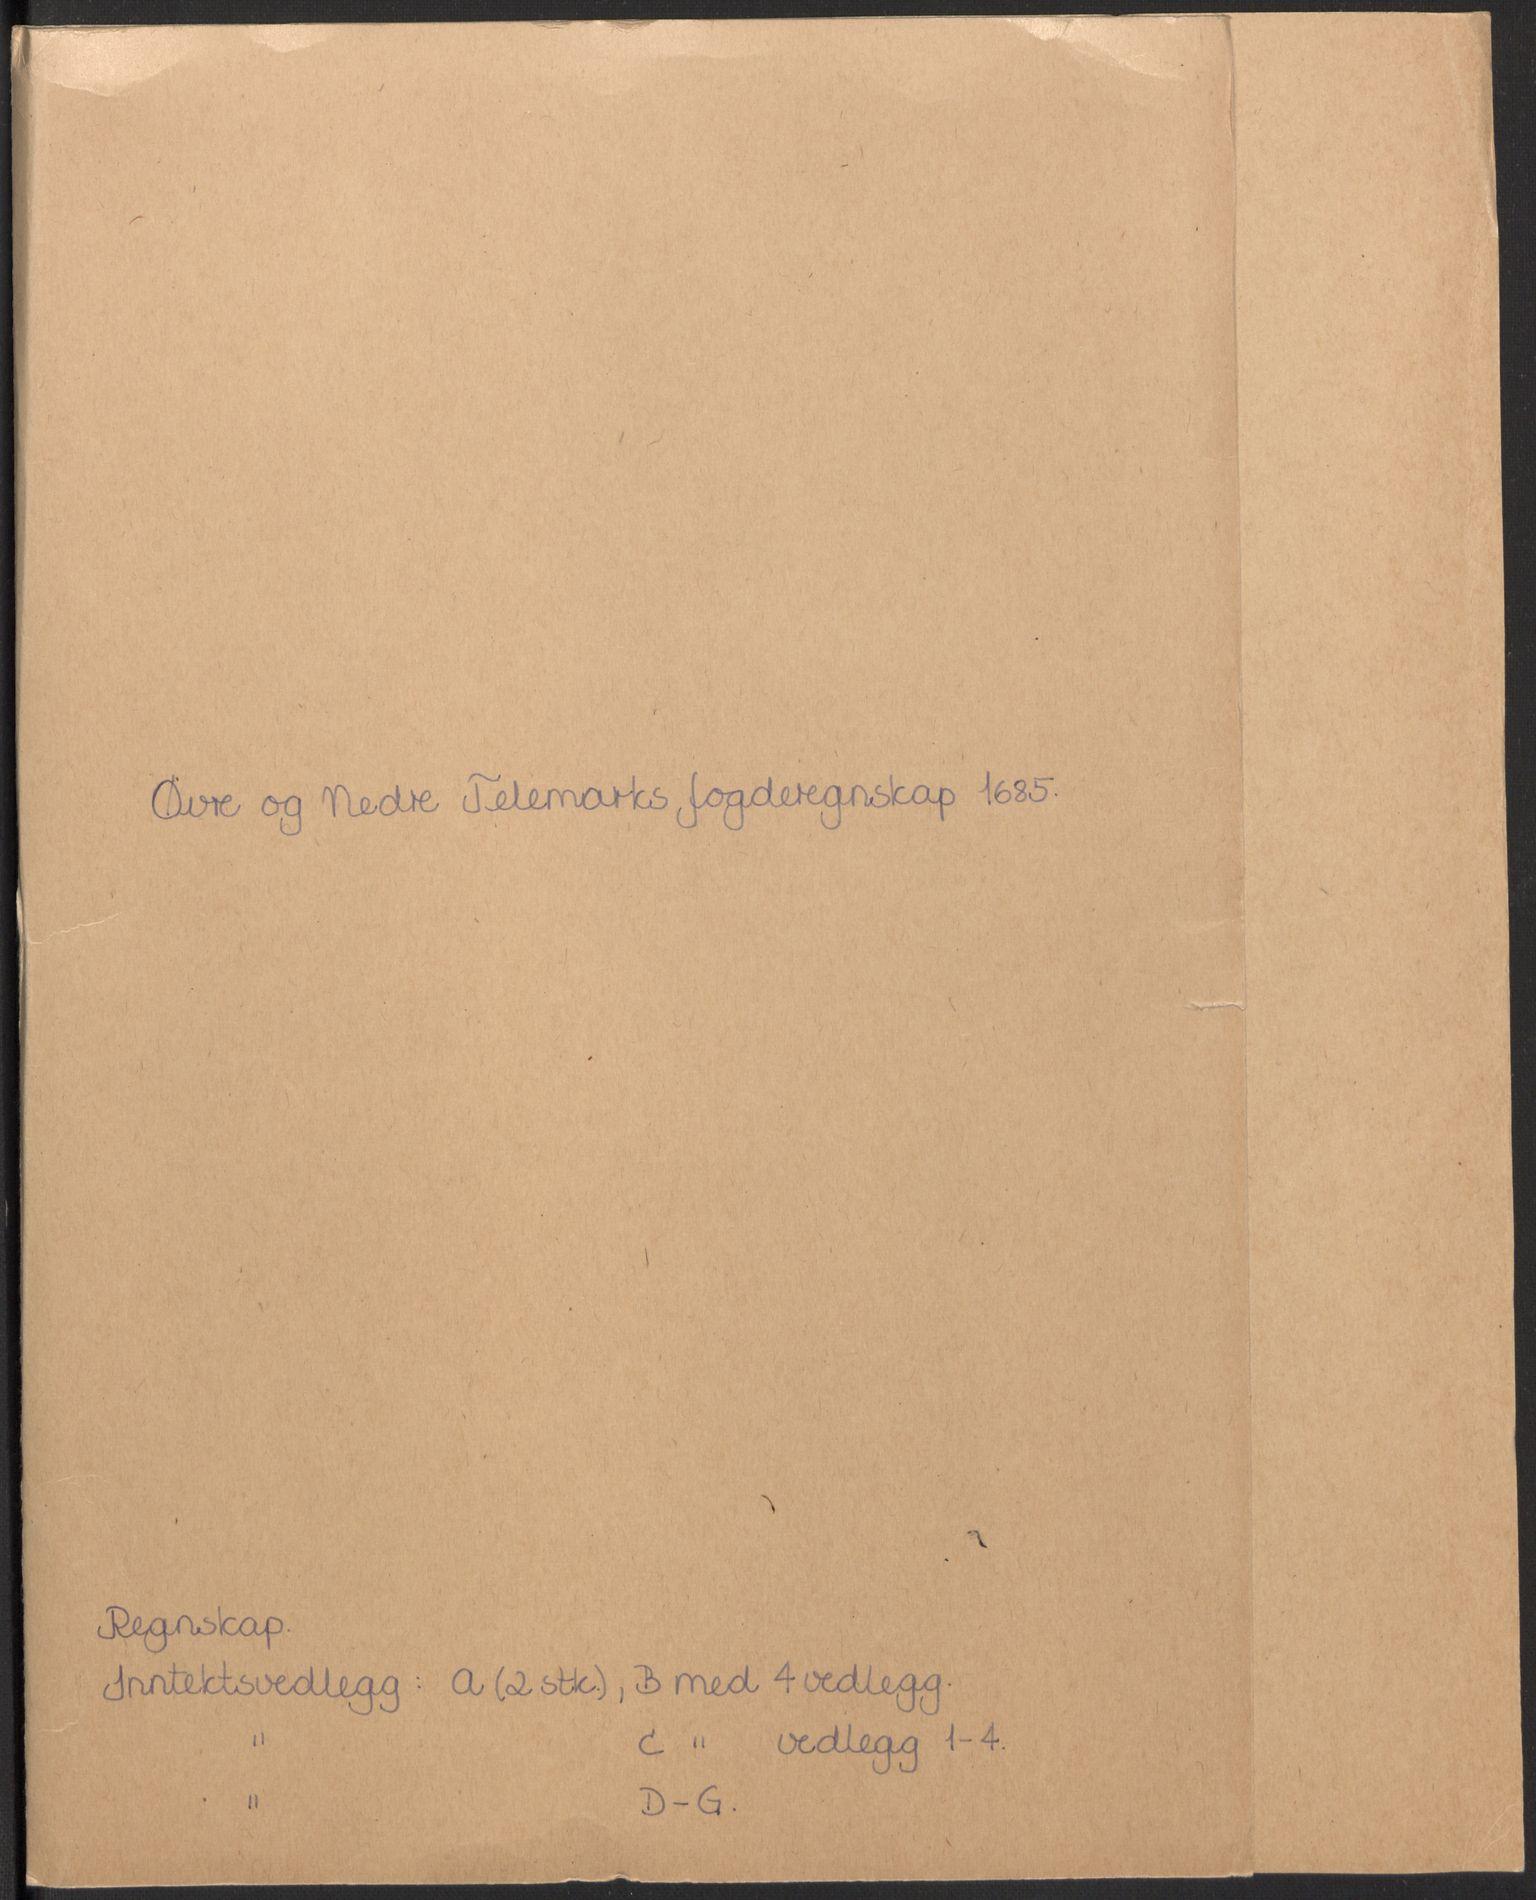 RA, Rentekammeret inntil 1814, Reviderte regnskaper, Fogderegnskap, R35/L2082: Fogderegnskap Øvre og Nedre Telemark, 1685, s. 2